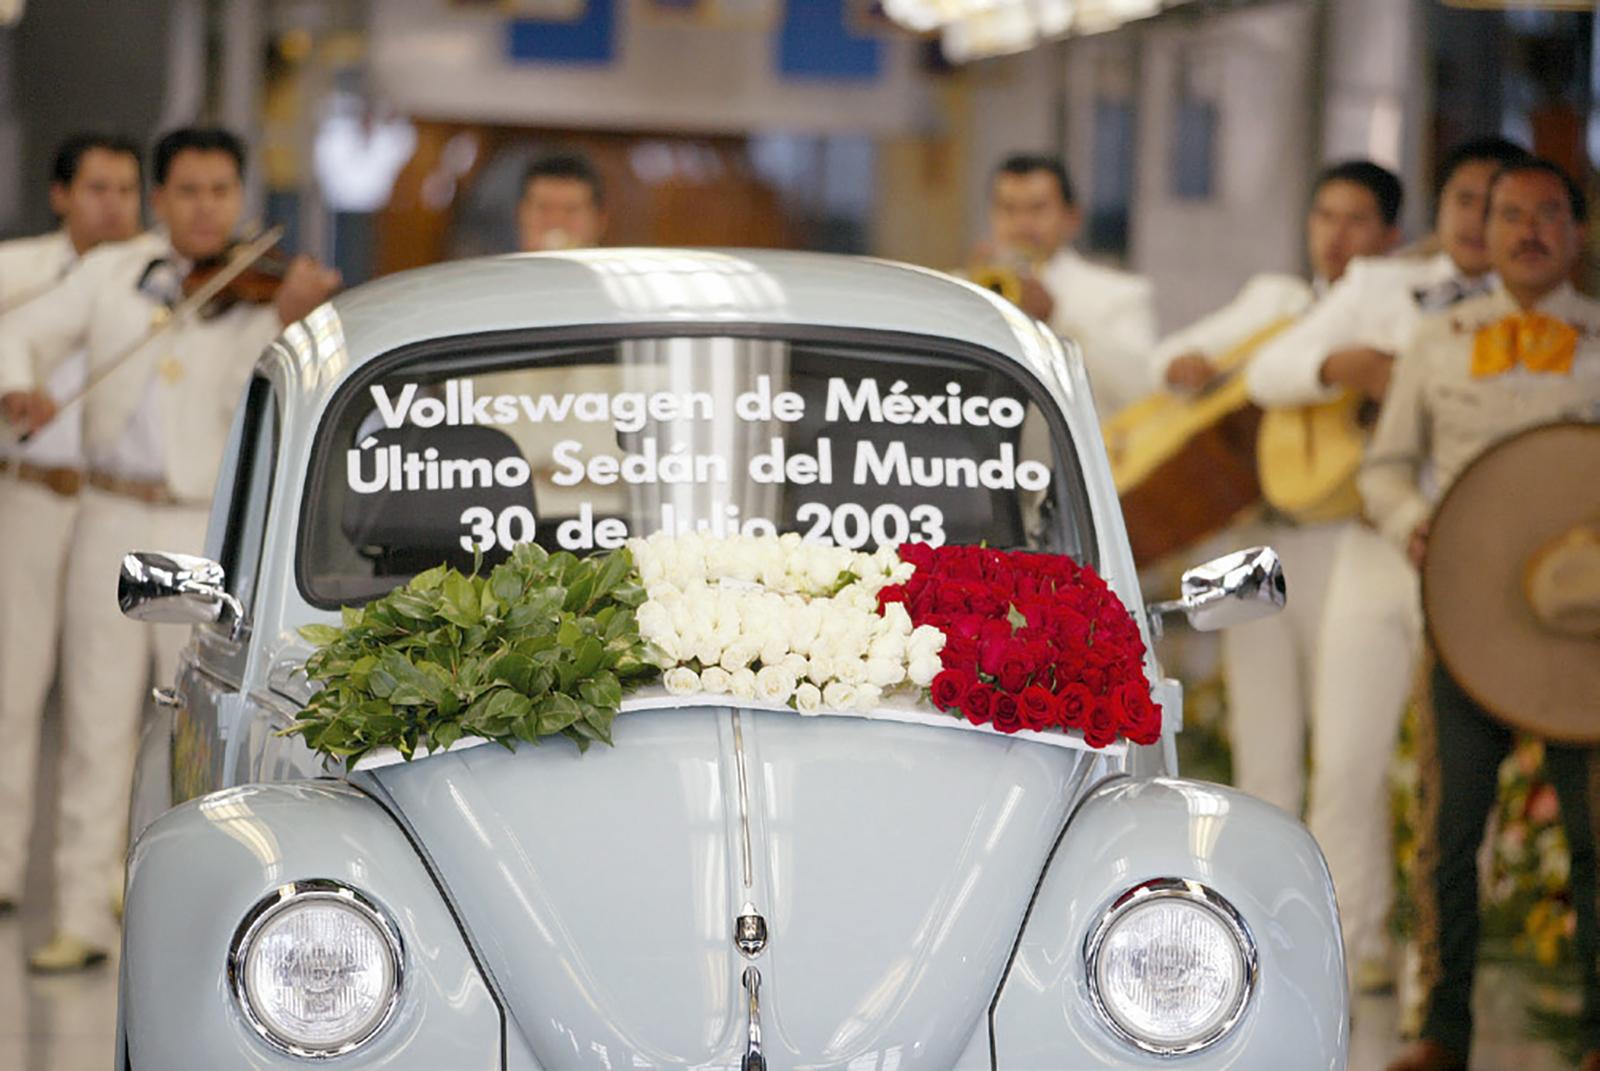 Volkswagen_de_Mxico--12038